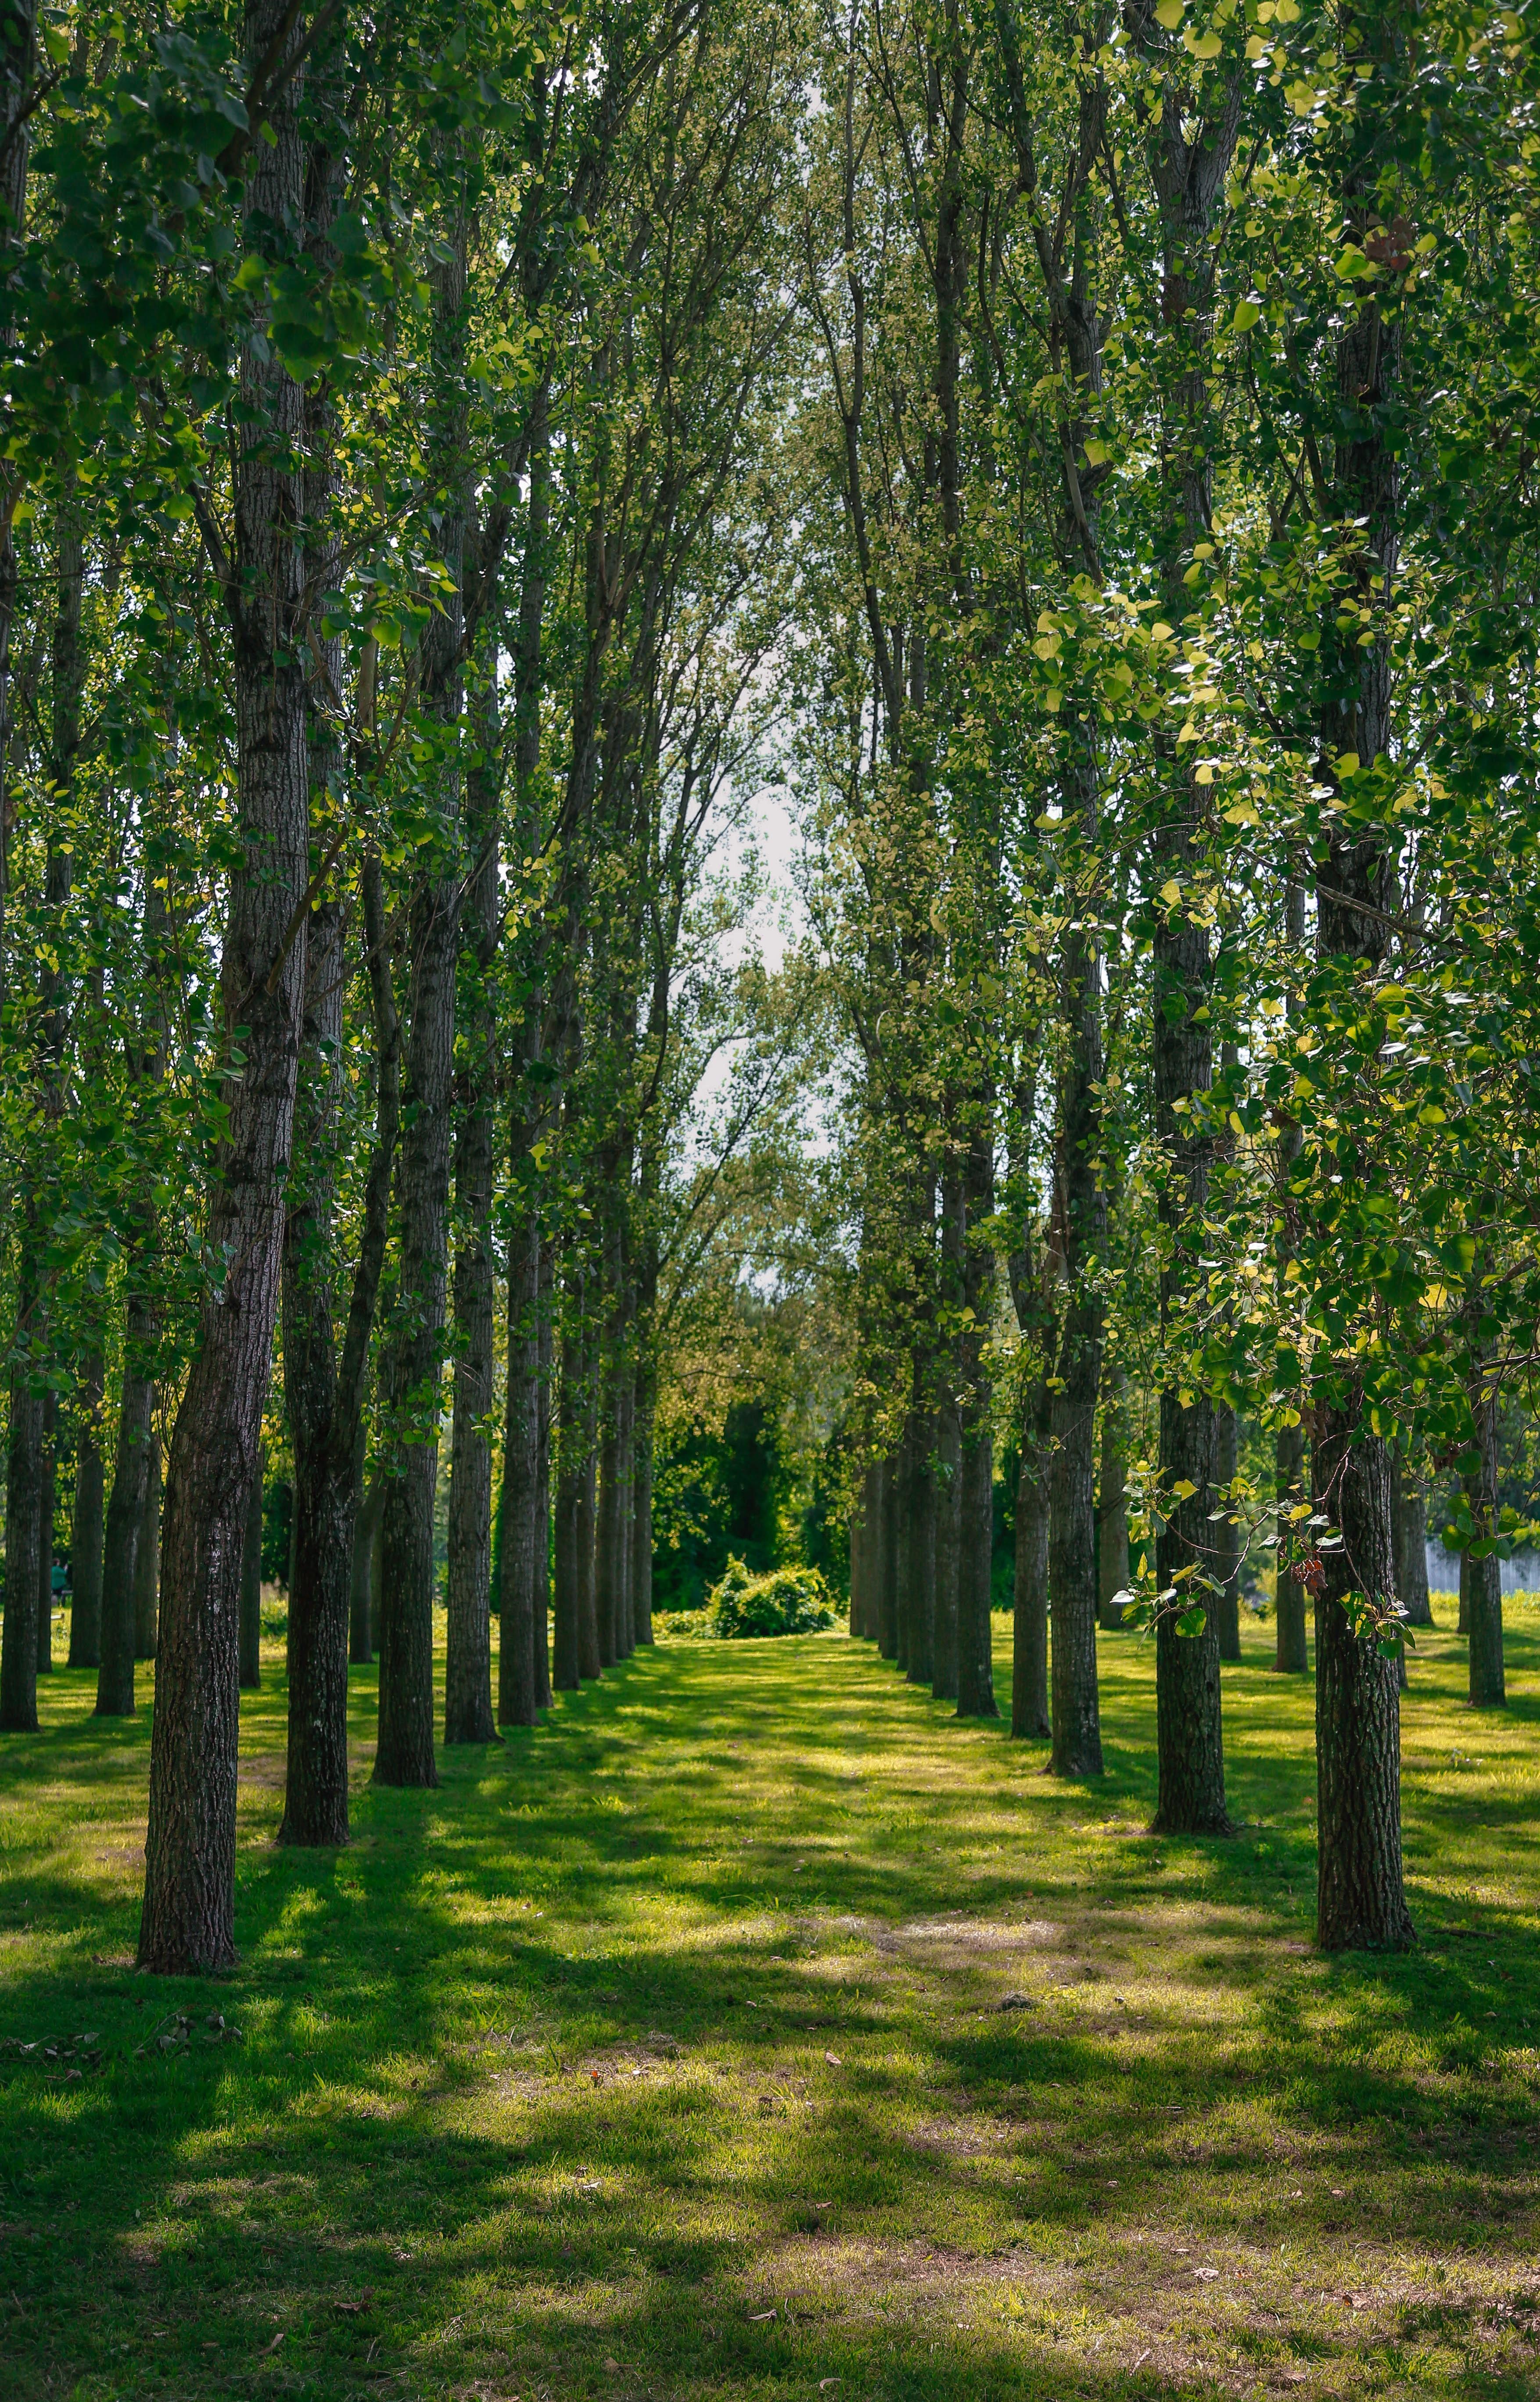 Fotos gratis : árbol, naturaleza, bosque, césped, planta